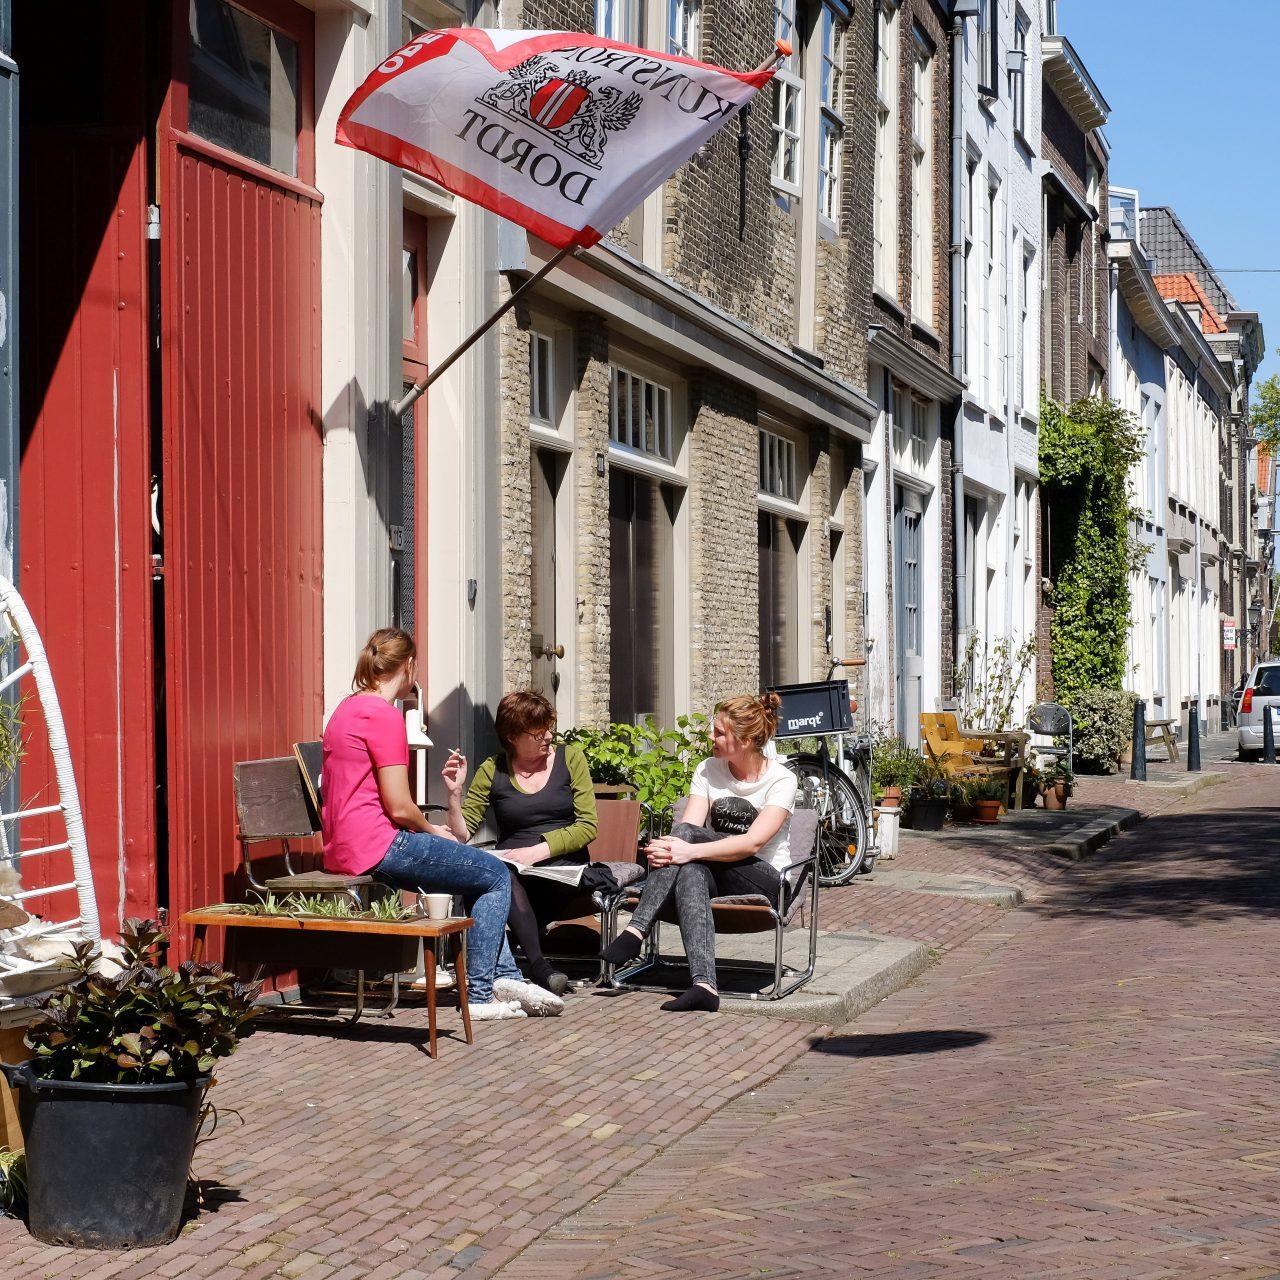 Dordrecht - stadsbeeld - Kunstrondje Dordt - Hoge Nieuwstraat